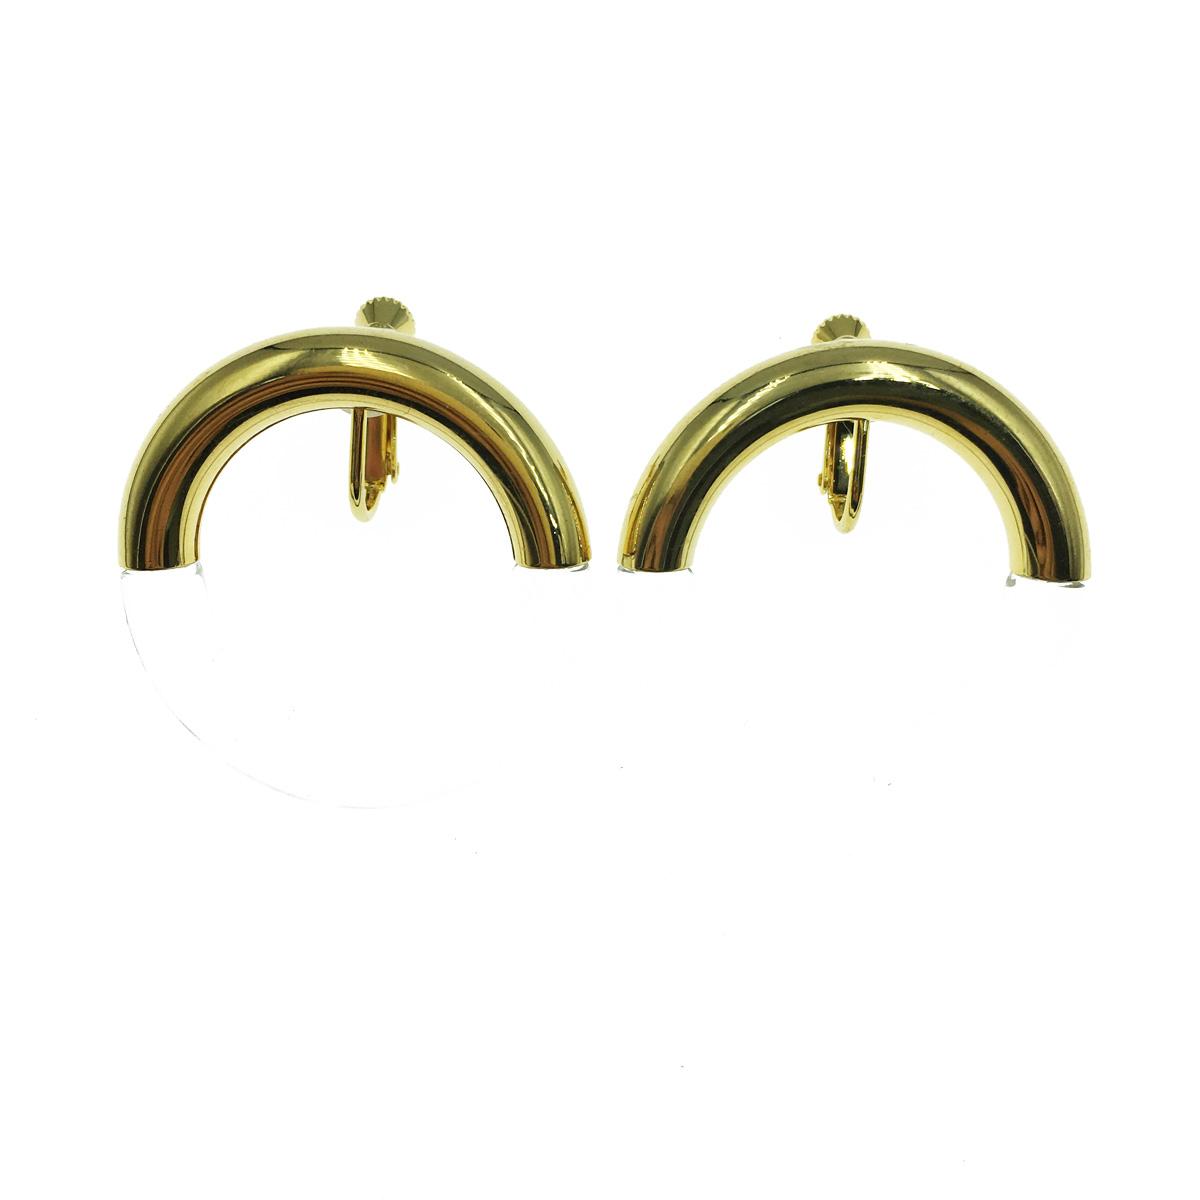 韓國 圓圈 圈圈 撞色 透明 耳夾式耳環